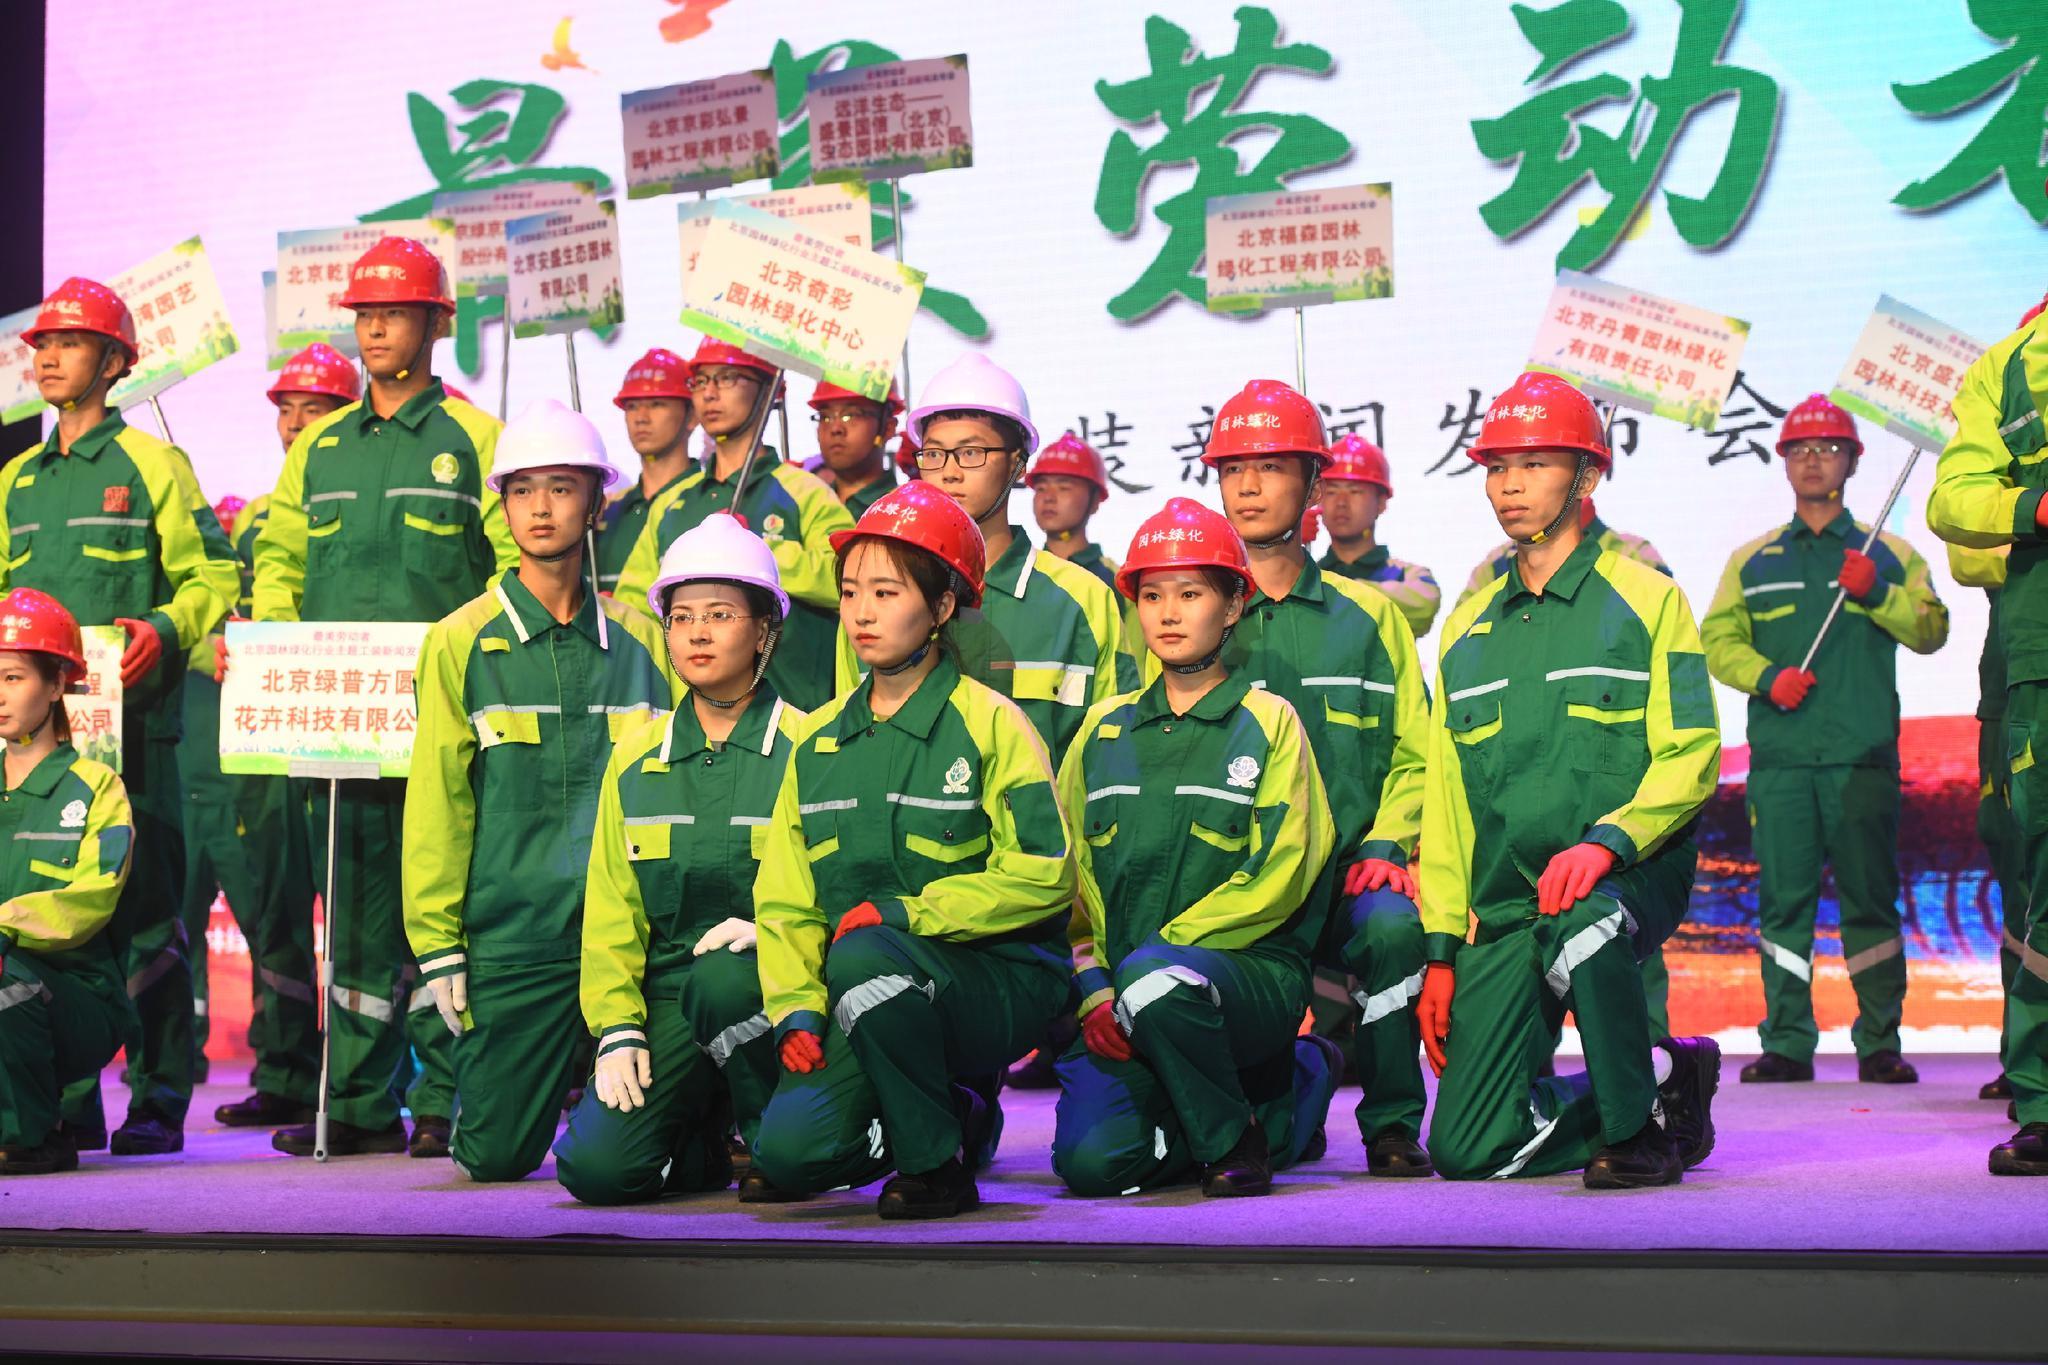 【摩天注册】北京摩天注册15万园林绿化工作者有了统图片